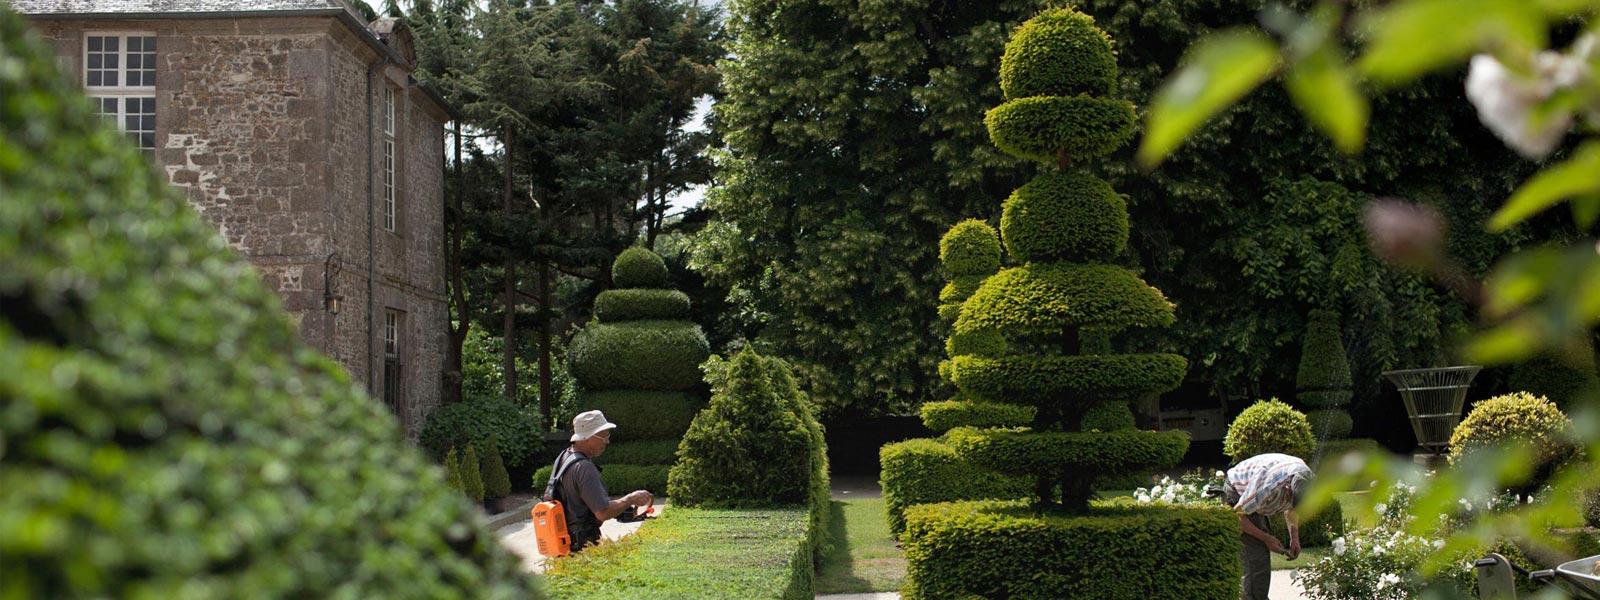 chateau-et-jardins-de-la-ballue-art-topiaire